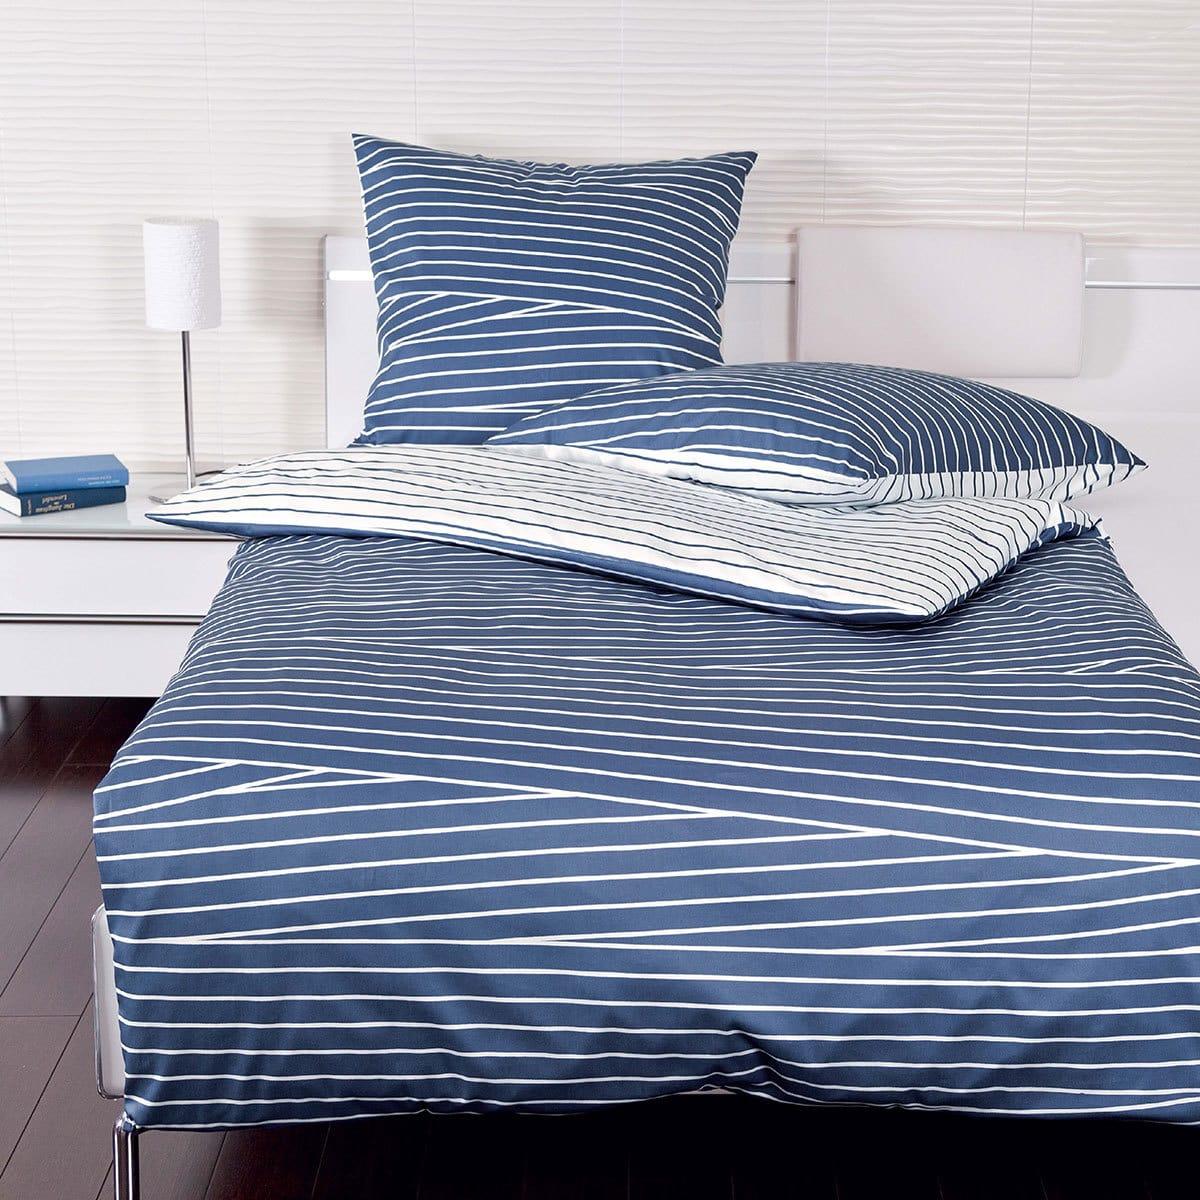 janine mako satin bettw sche j d 87022 02 blau g nstig online kaufen bei bettwaren shop. Black Bedroom Furniture Sets. Home Design Ideas